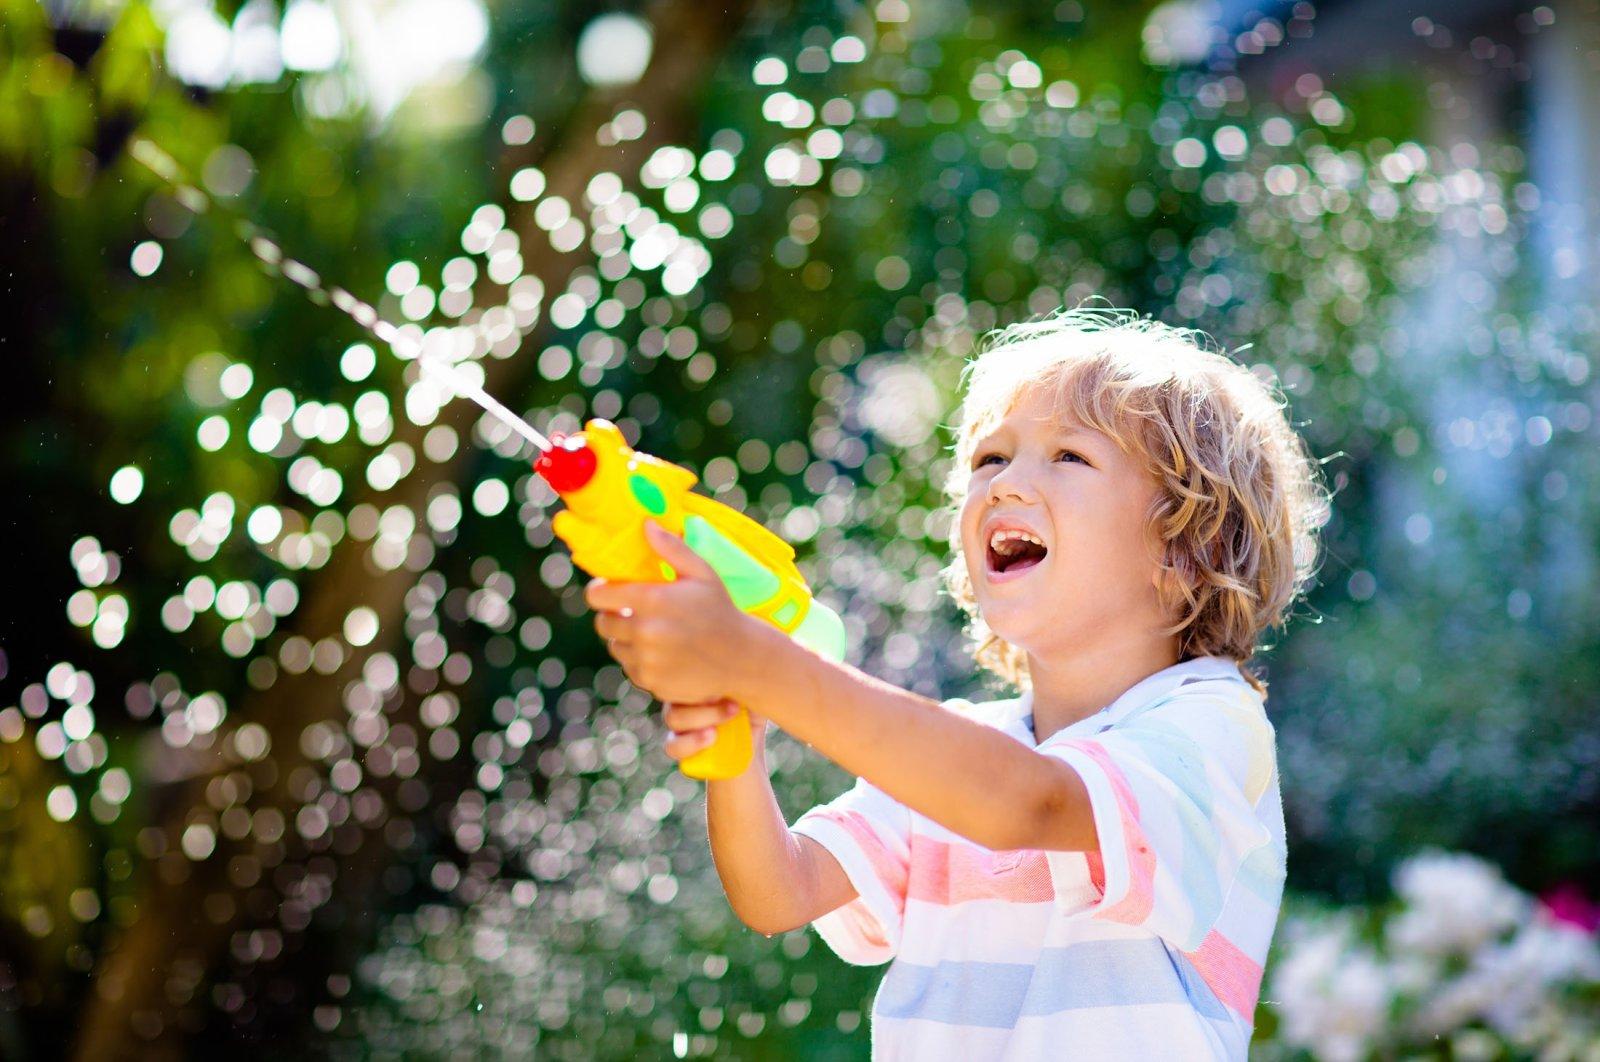 Kids play with water gun toy in garden. (Shutterstock Photo)